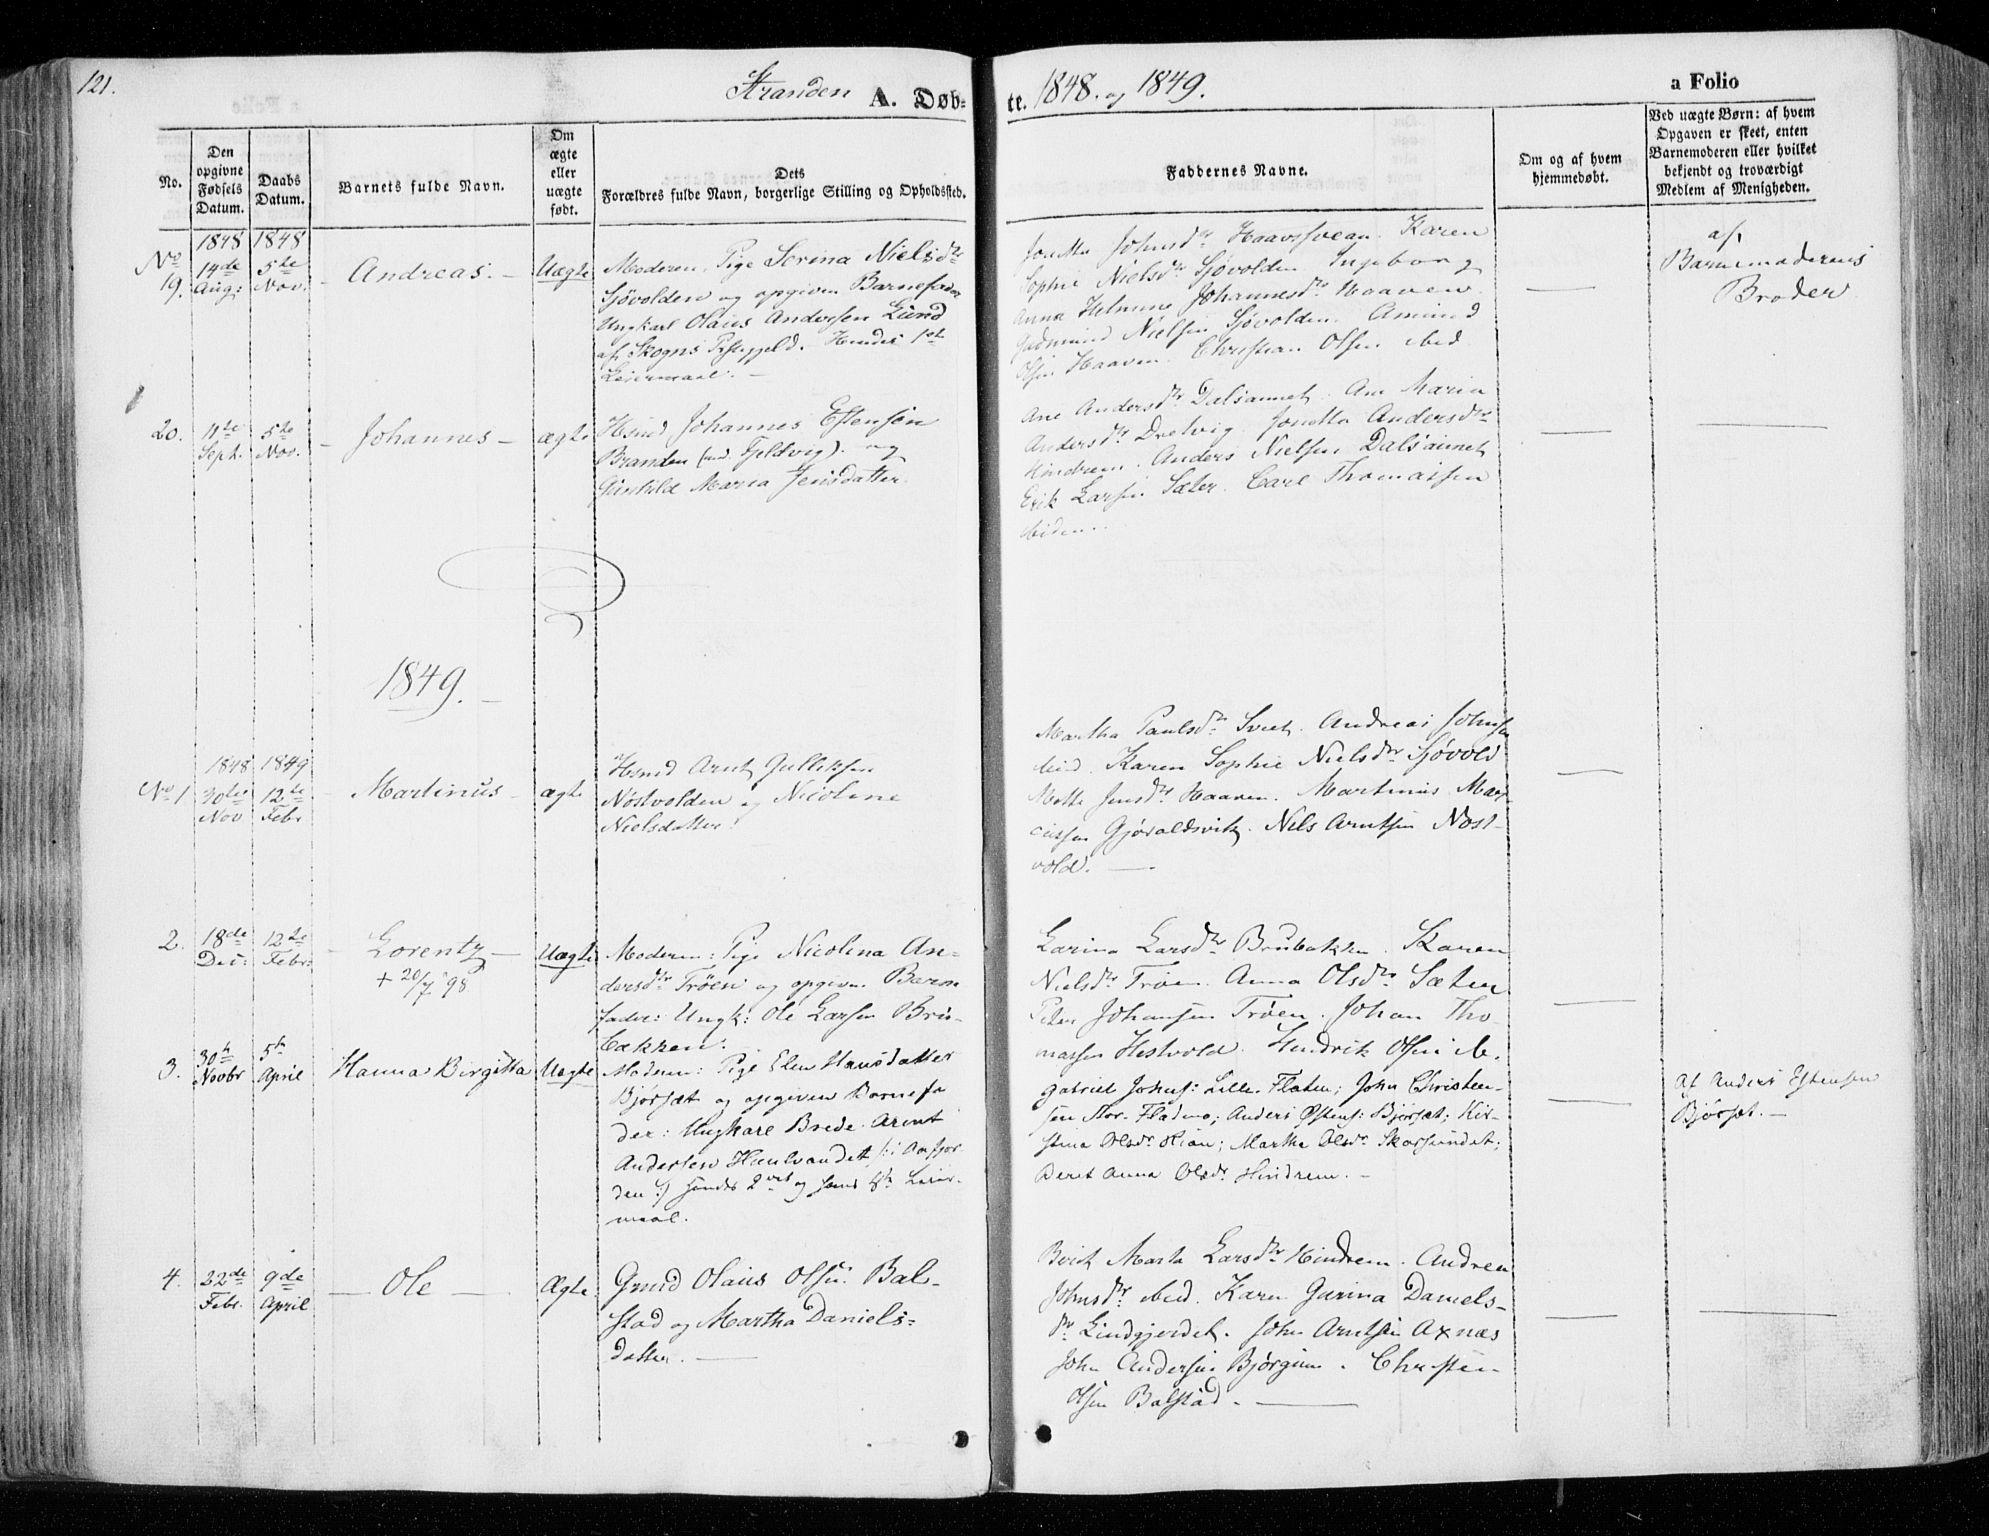 SAT, Ministerialprotokoller, klokkerbøker og fødselsregistre - Nord-Trøndelag, 701/L0007: Ministerialbok nr. 701A07 /2, 1842-1854, s. 121